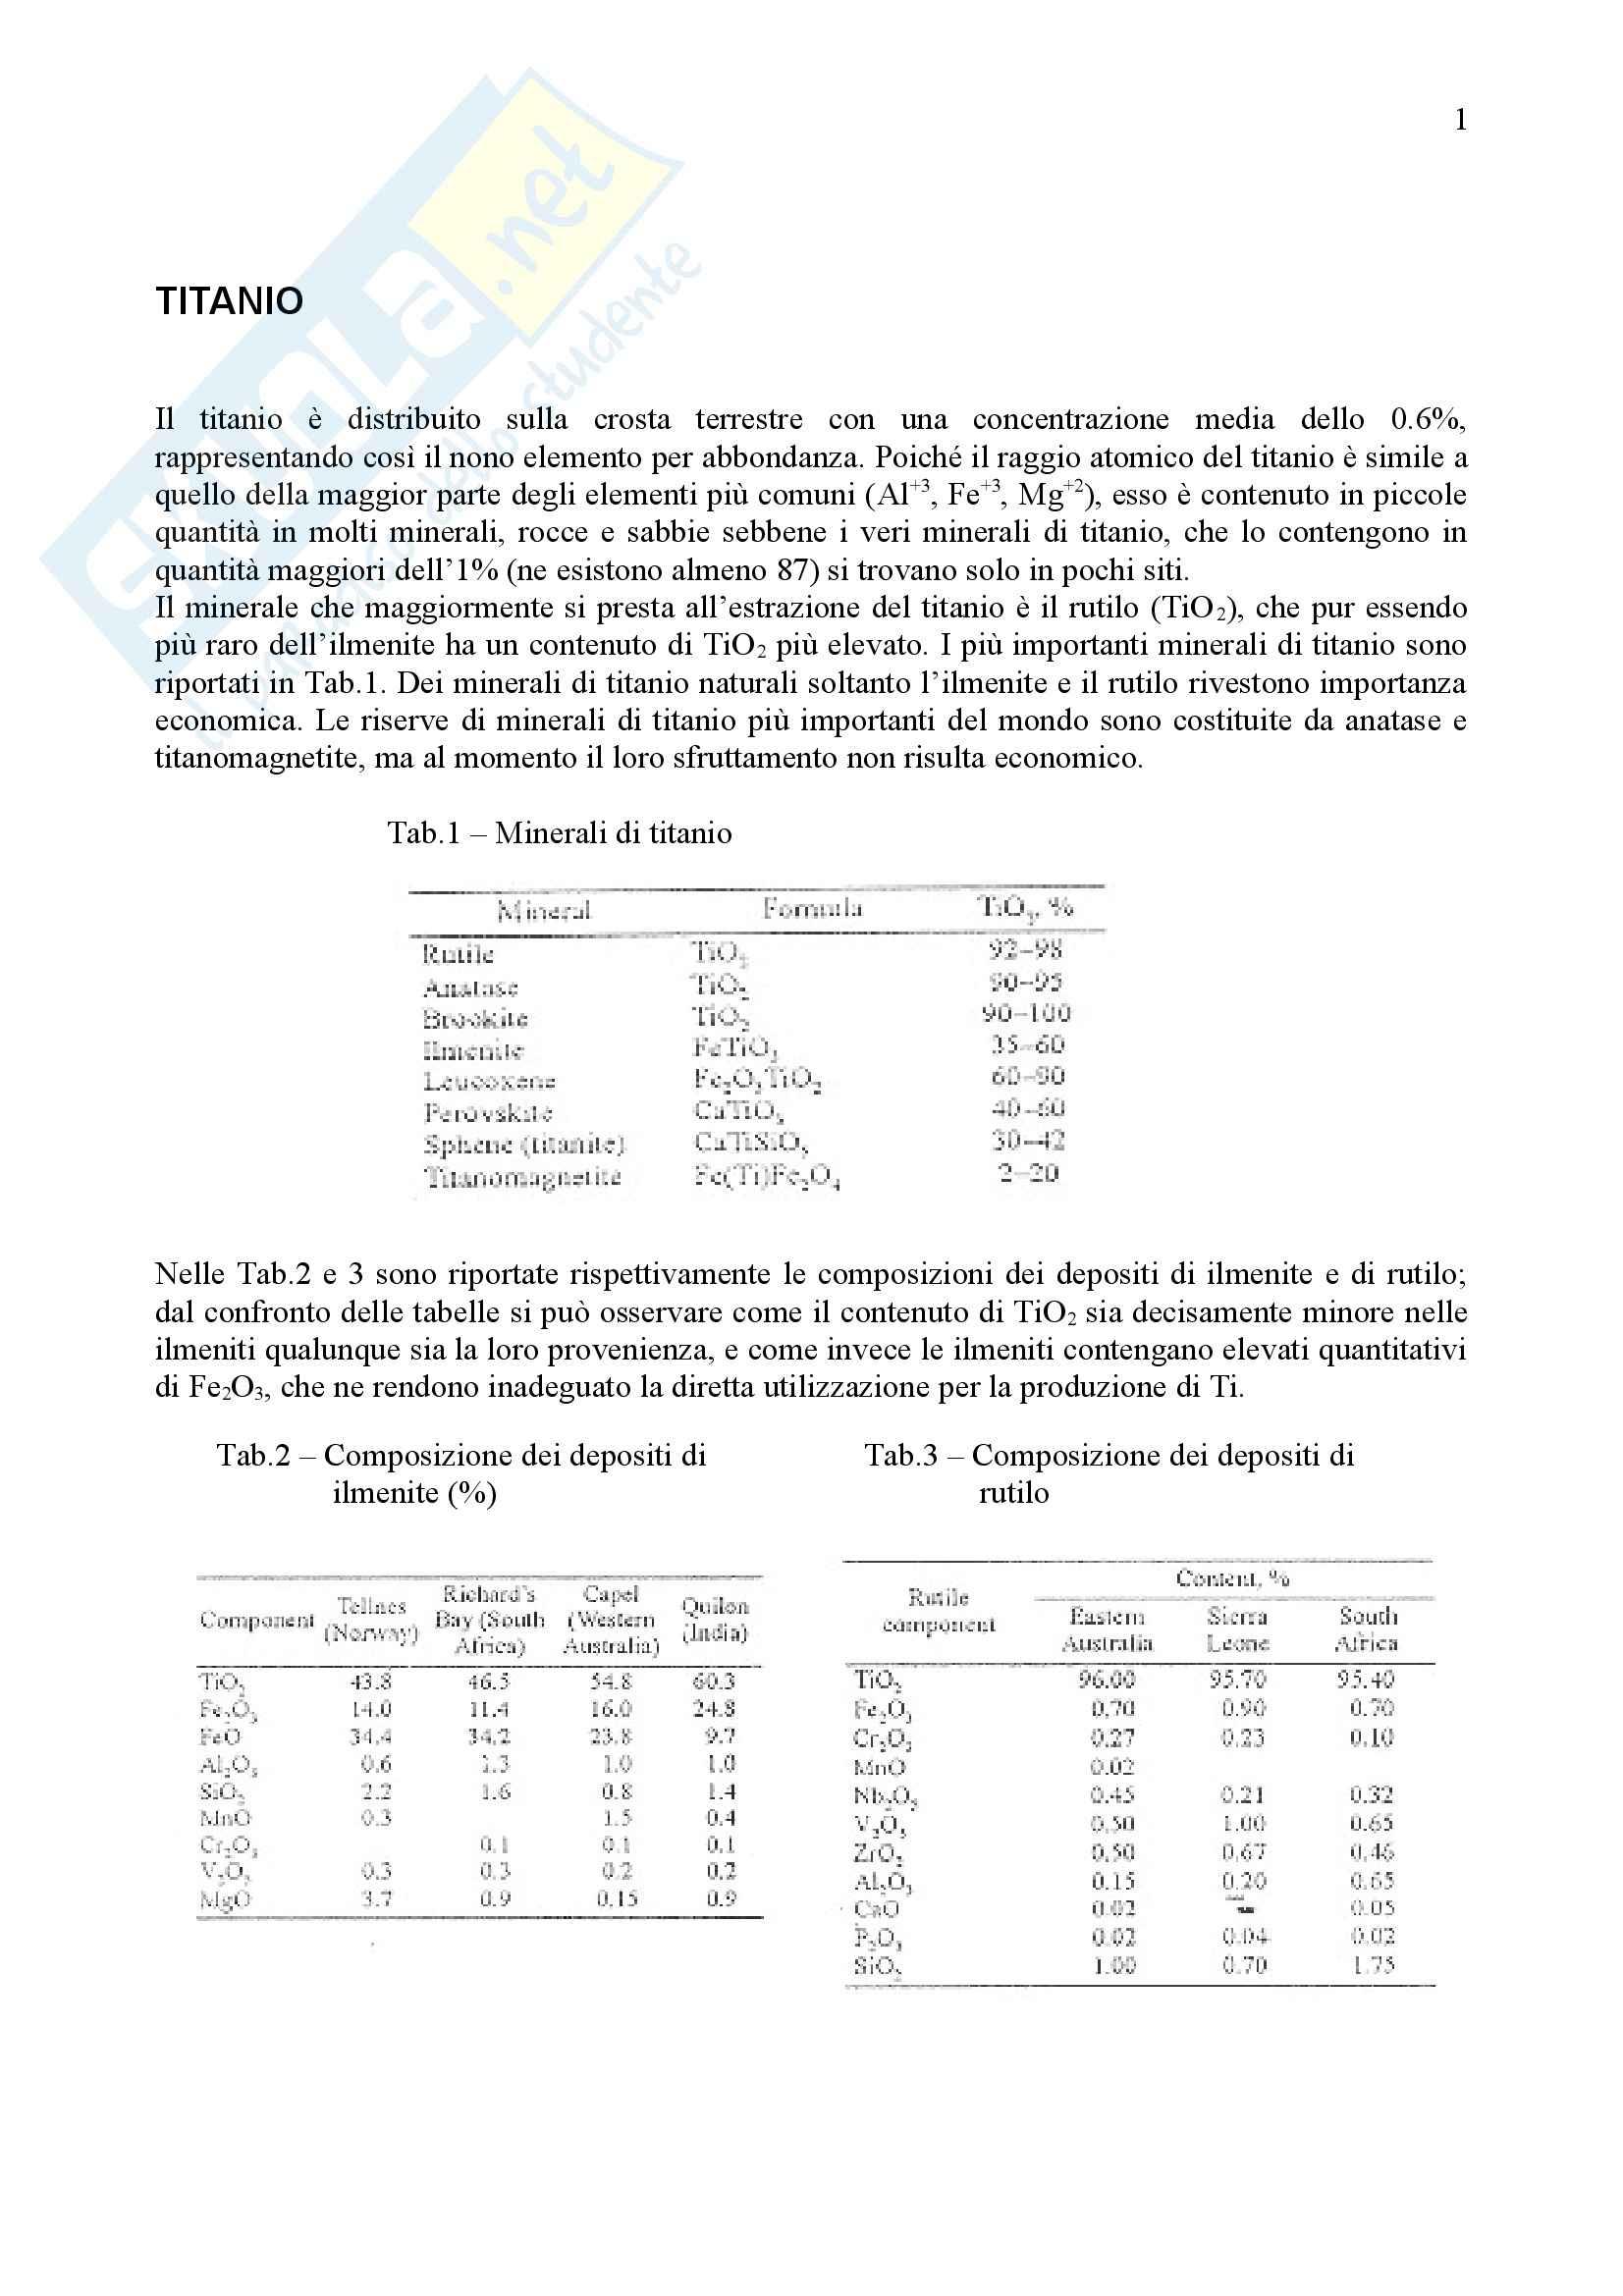 Metallurgia - Titanio